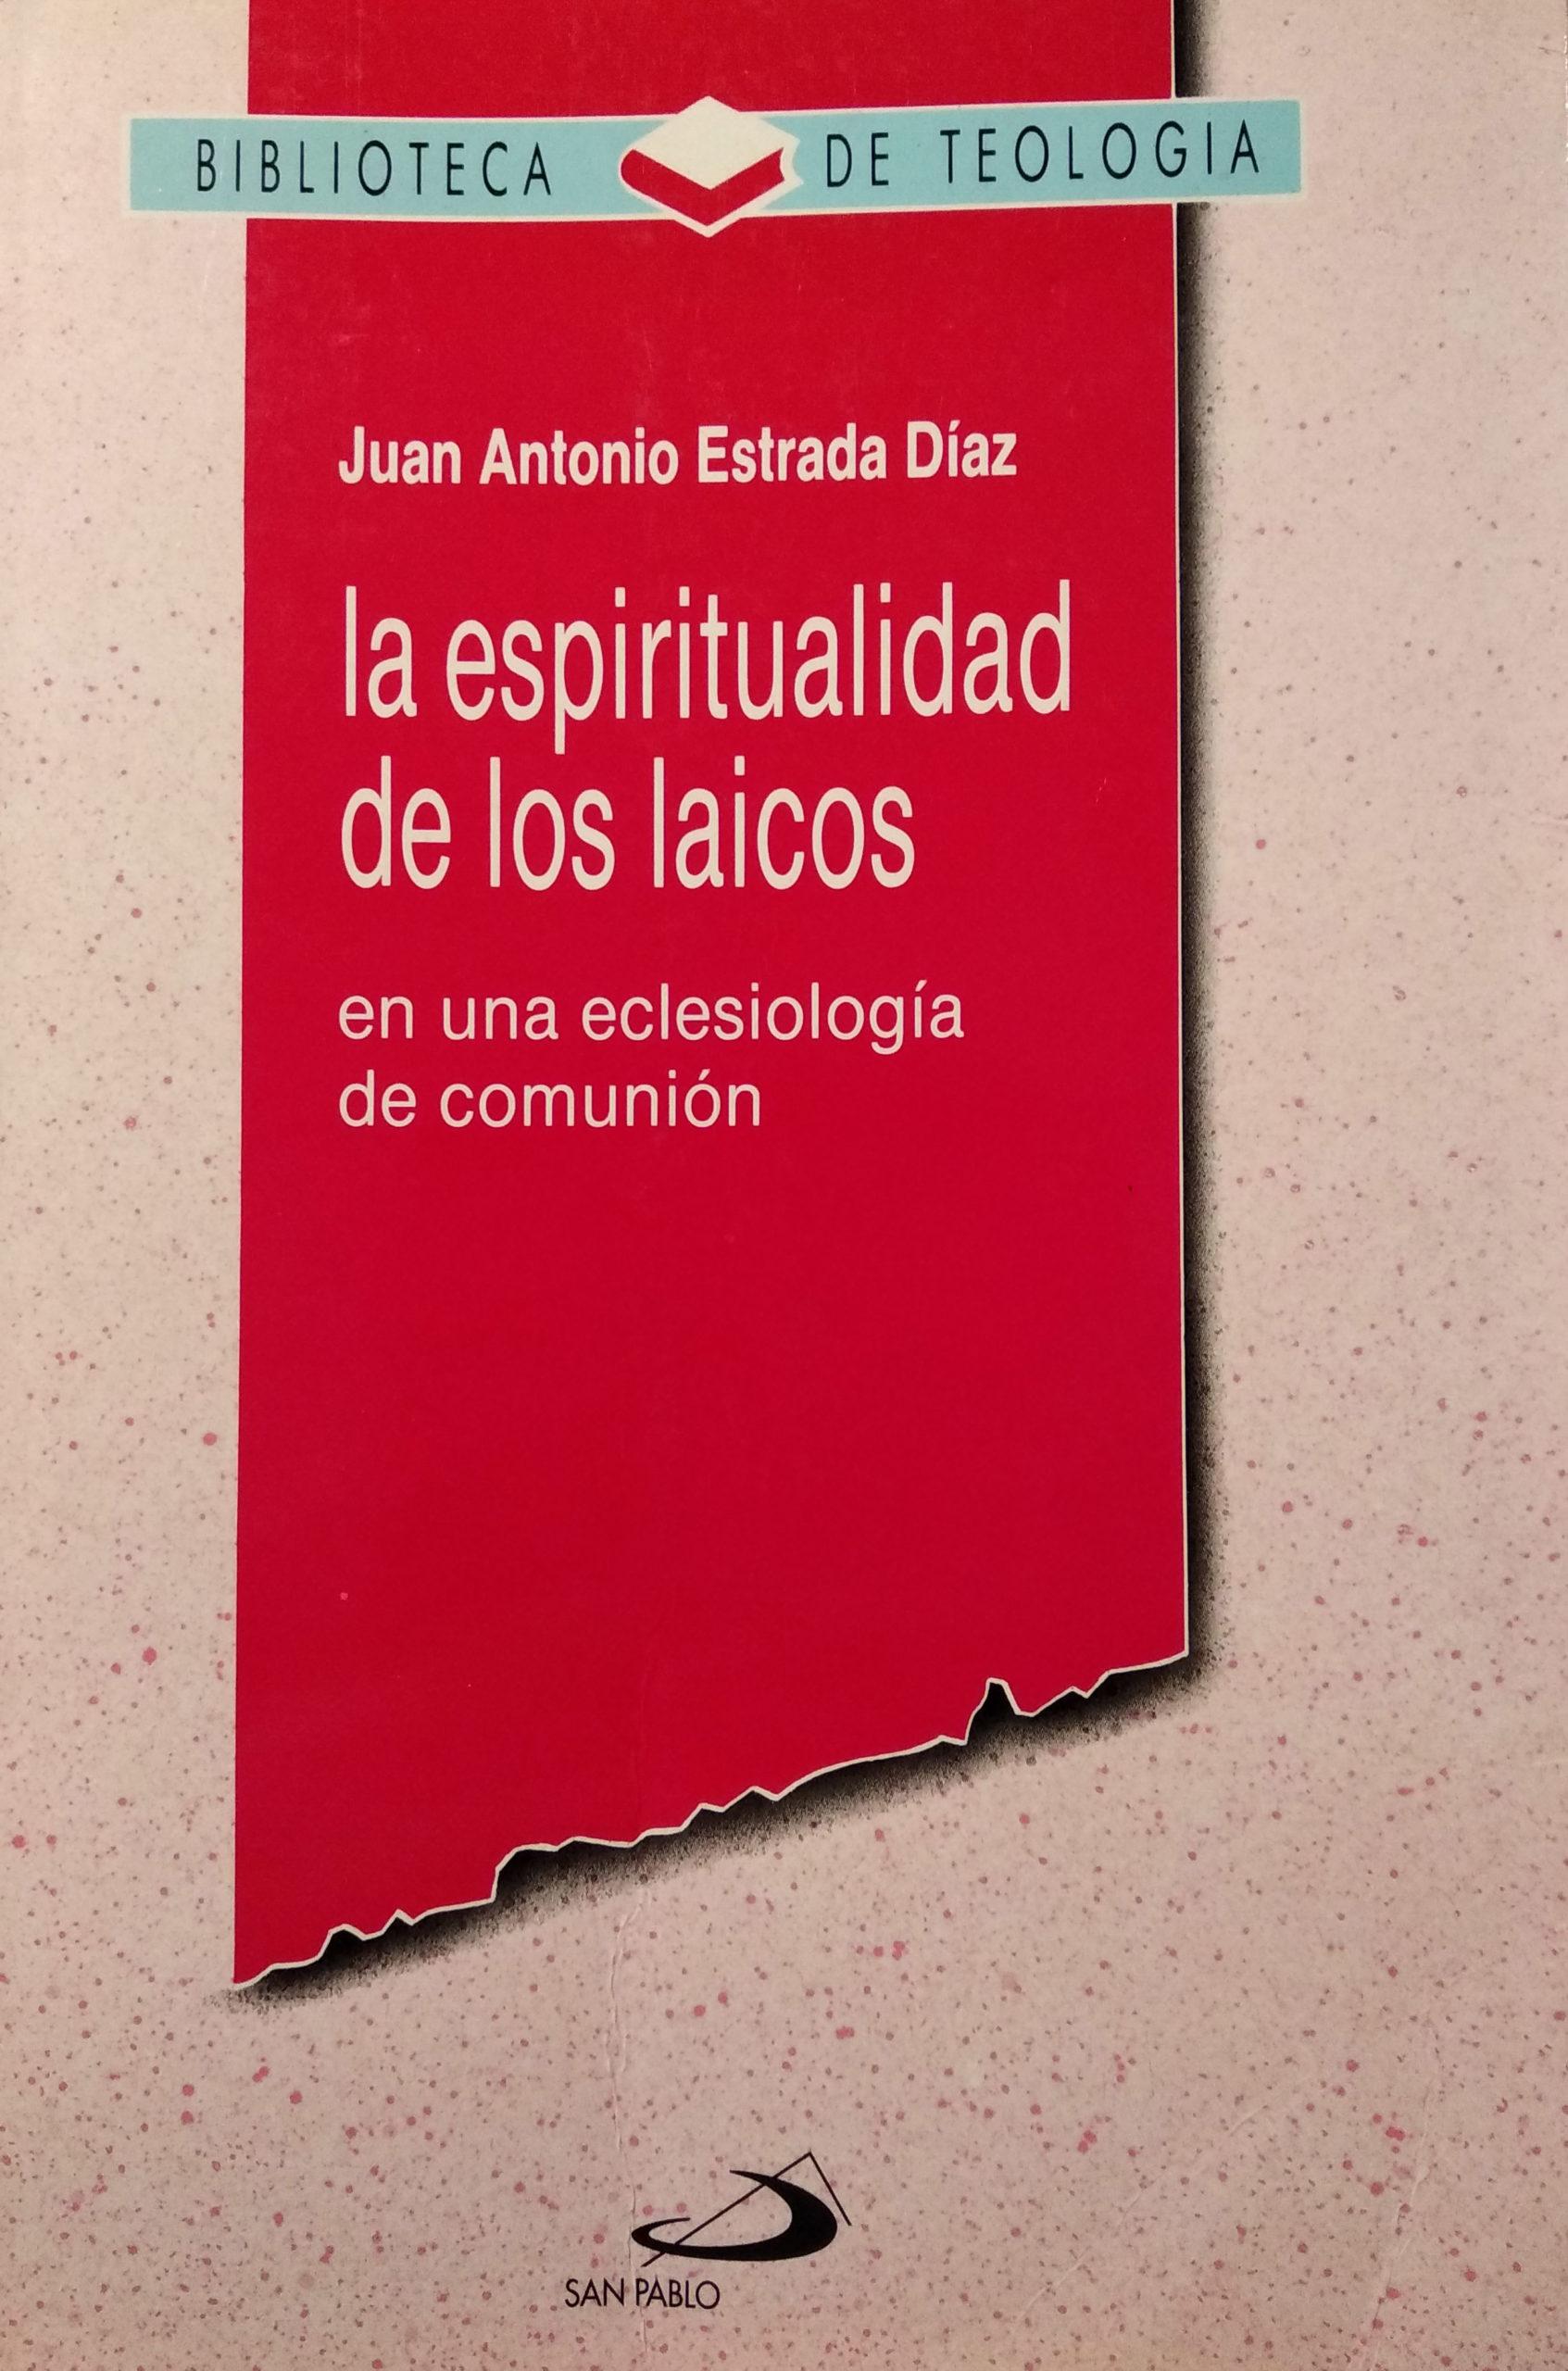 La espiritualidad de los laicos, en una eclesiología de comunión. Libro.